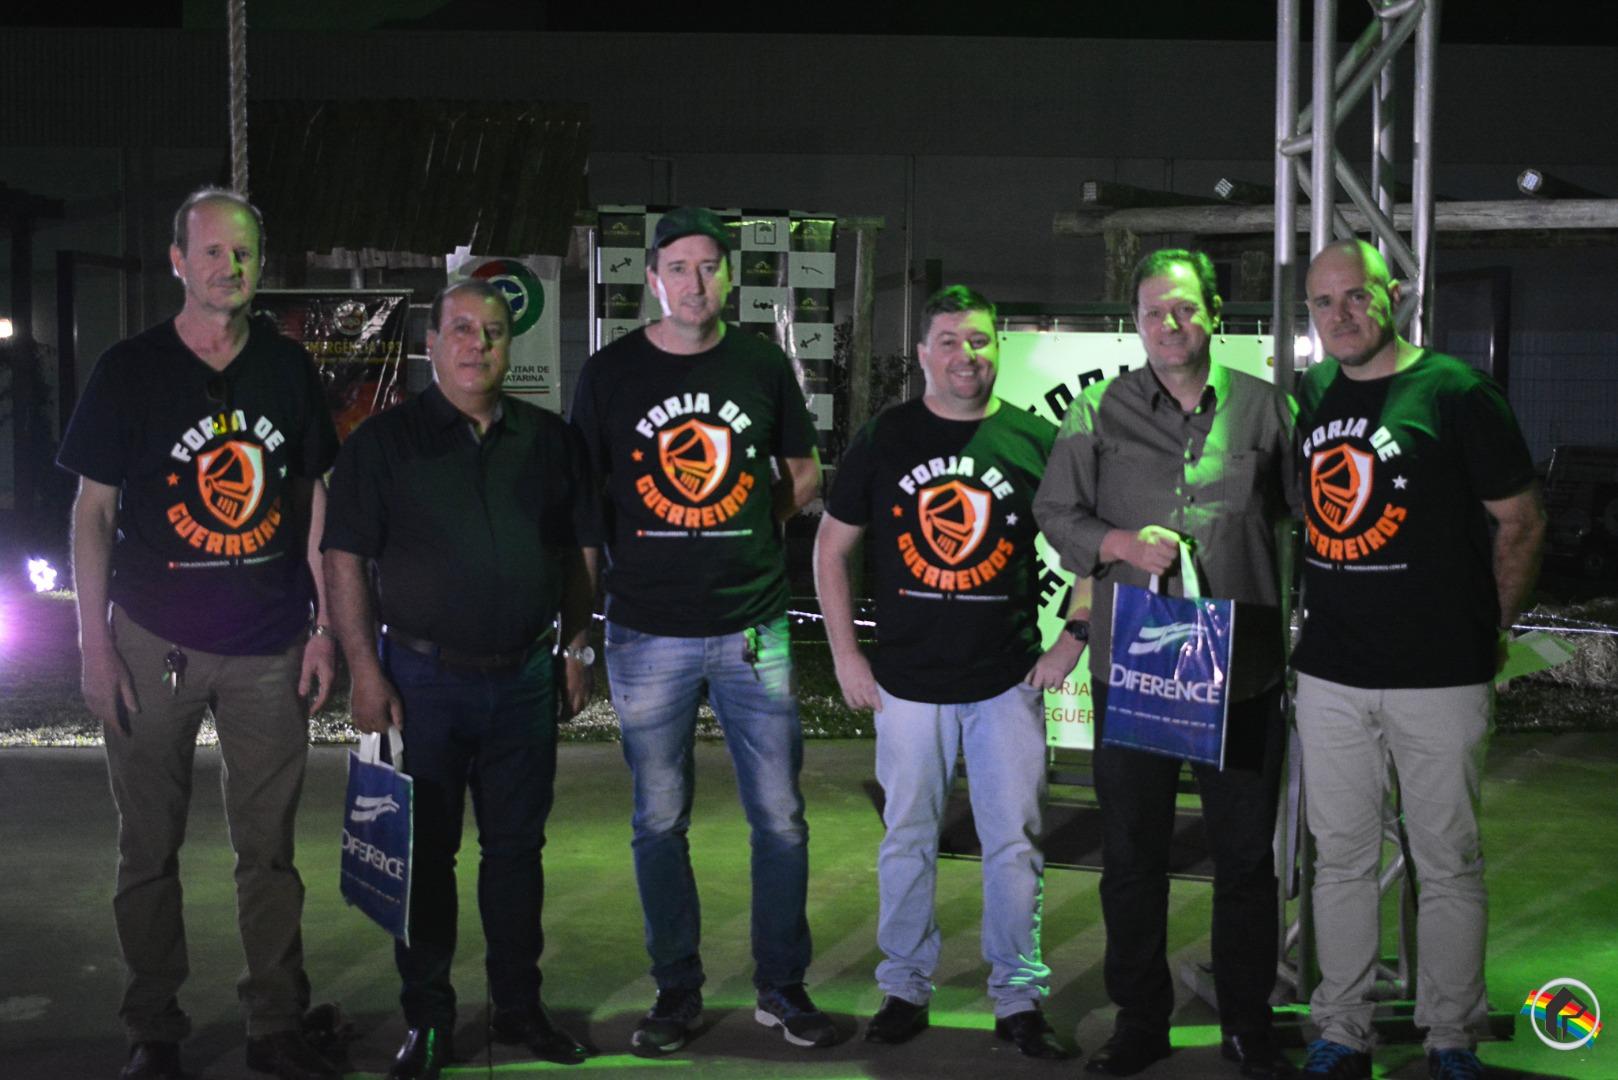 Forja de Guerreiros é lançado oficialmente em São Miguel do Oeste